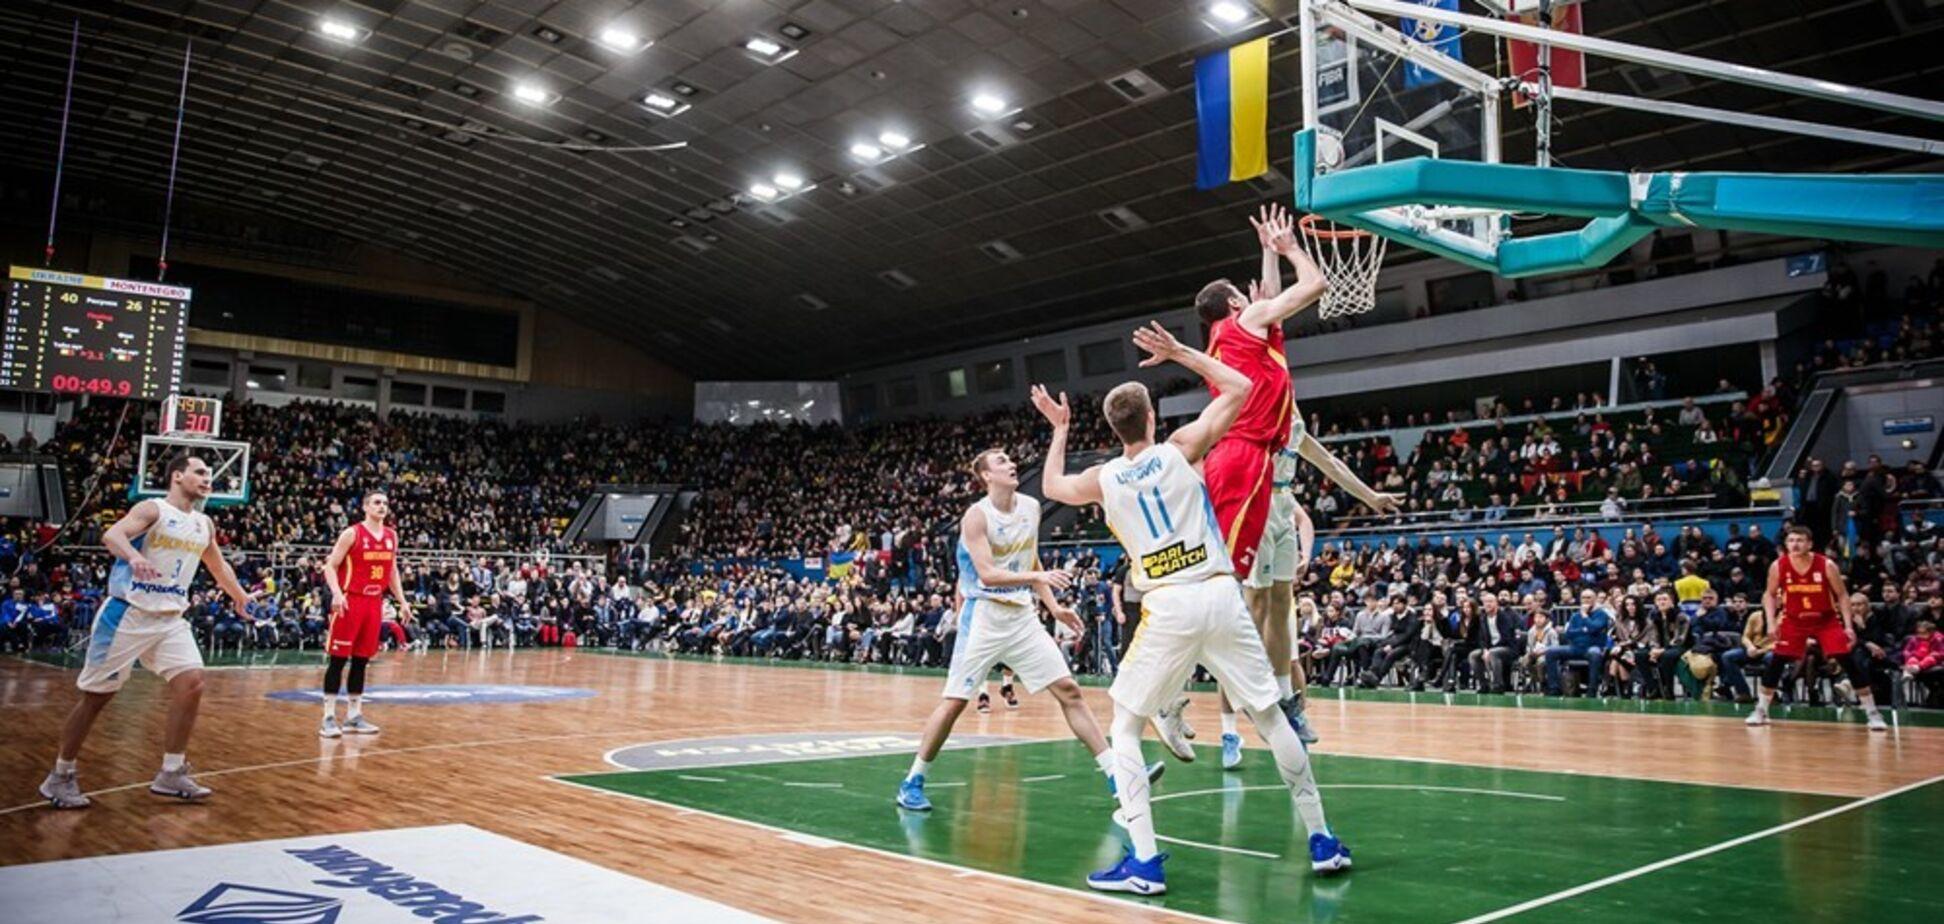 Сборная Украины по баскетболу собрала 'биток' в Киеве и выдала драму в отборе КМ